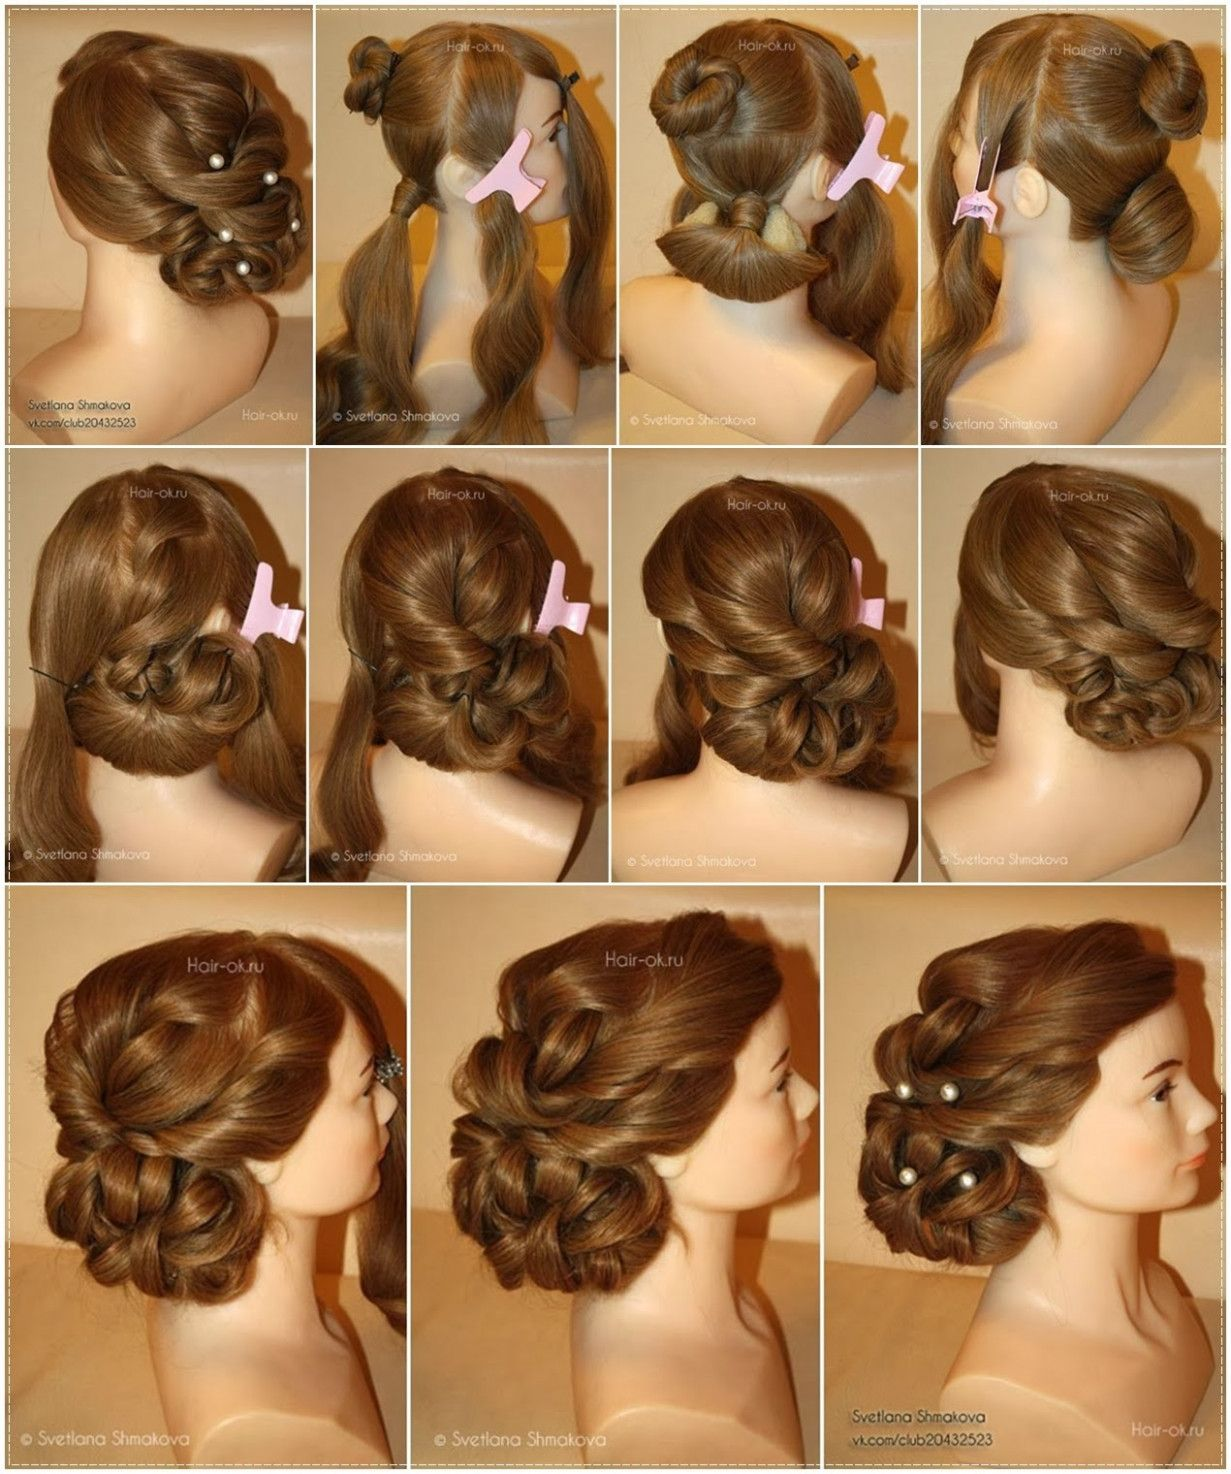 Wedding Hairstyles Tutorial Step By Step Diy Hairstyles Hair Styles Easy Hairstyles